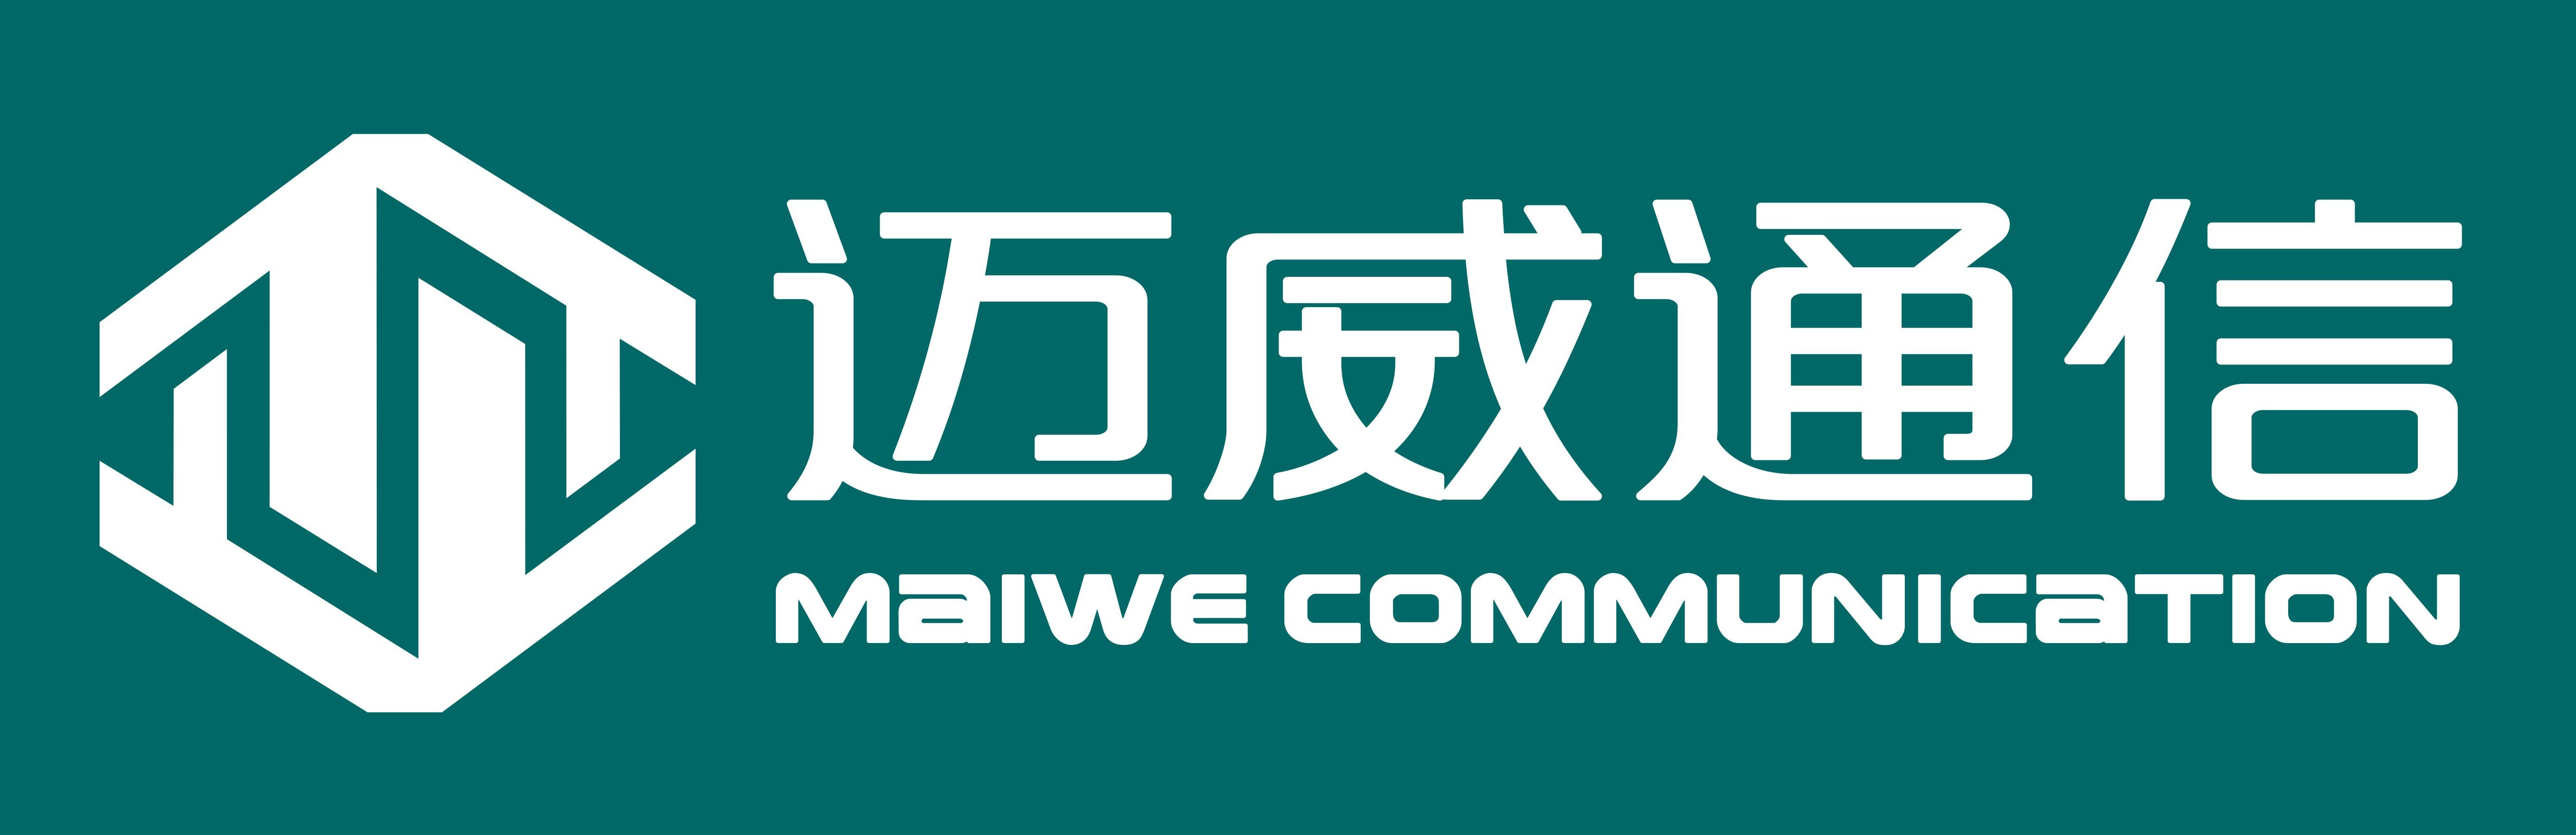 武汉迈威通信有限公司